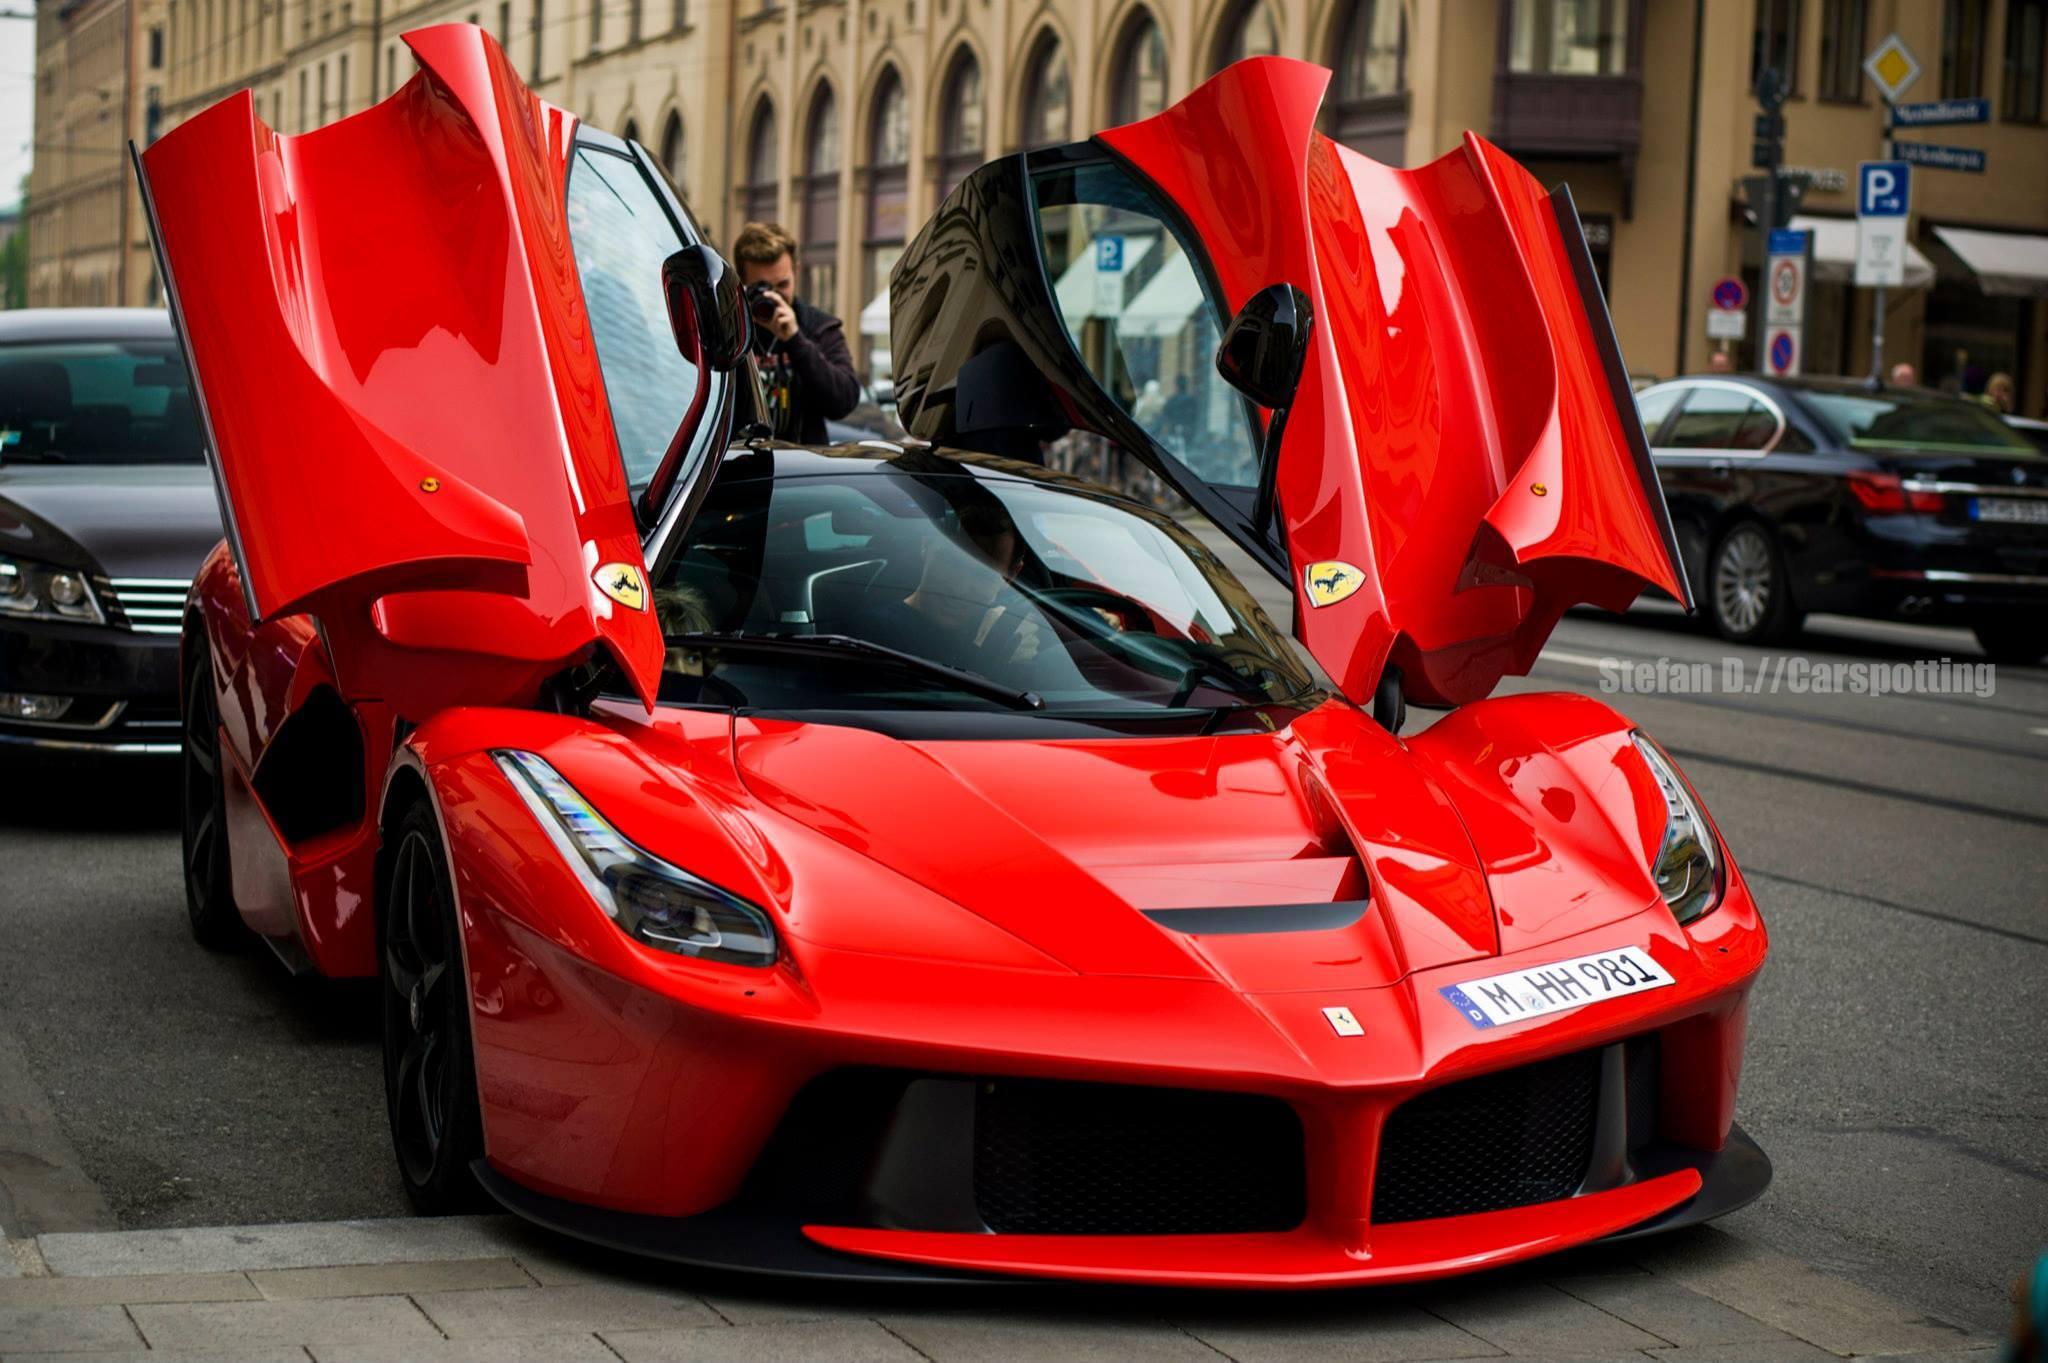 Продажа автомобилей в России. Подержанные авто, новые.